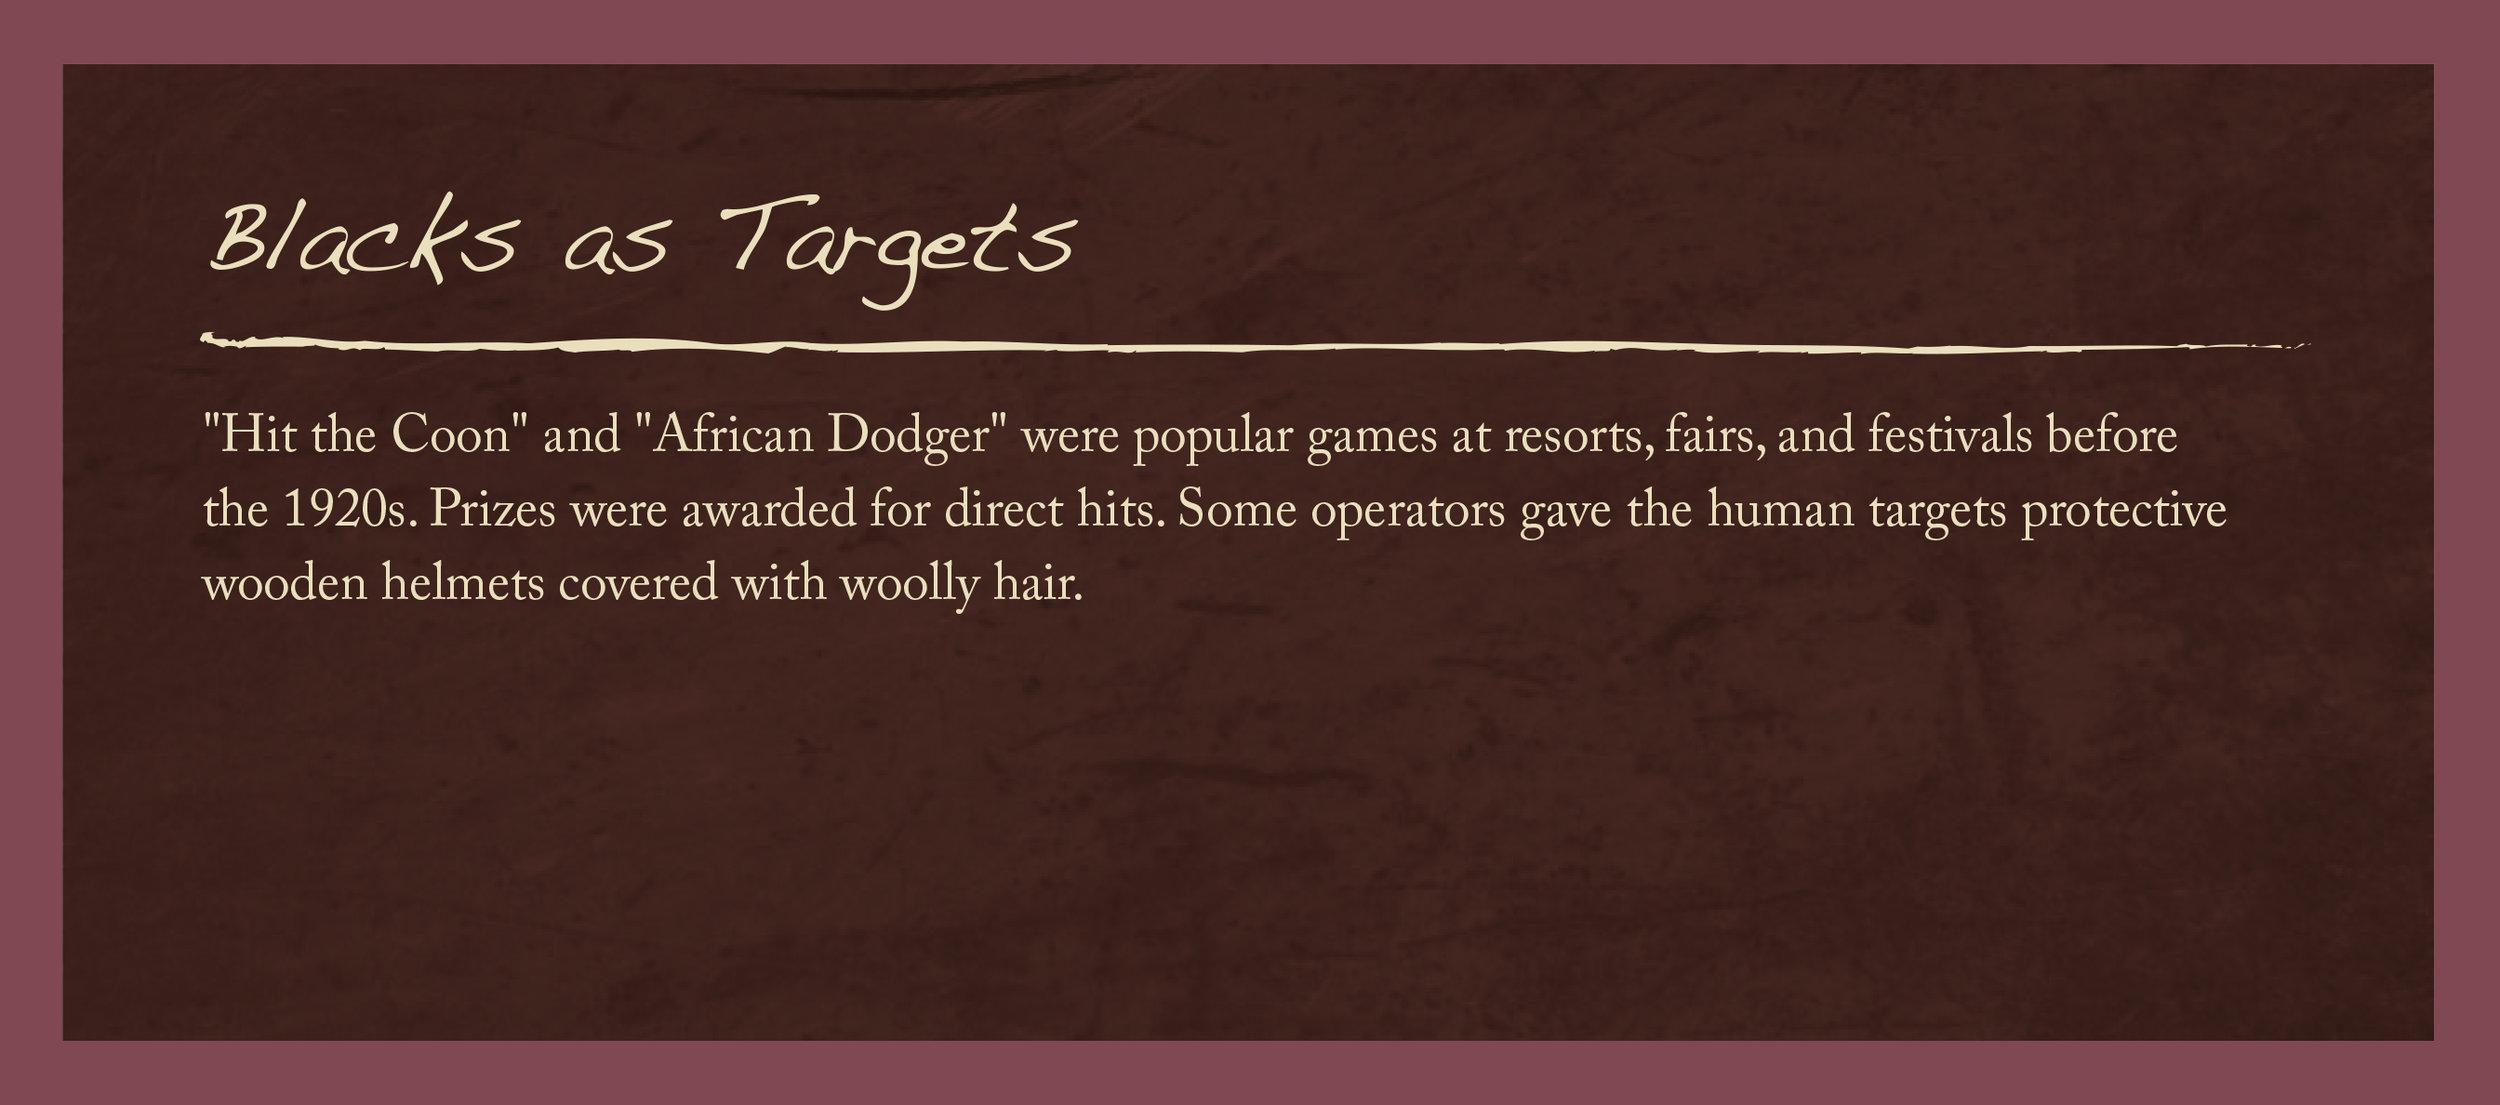 Blacks As Targets.jpg